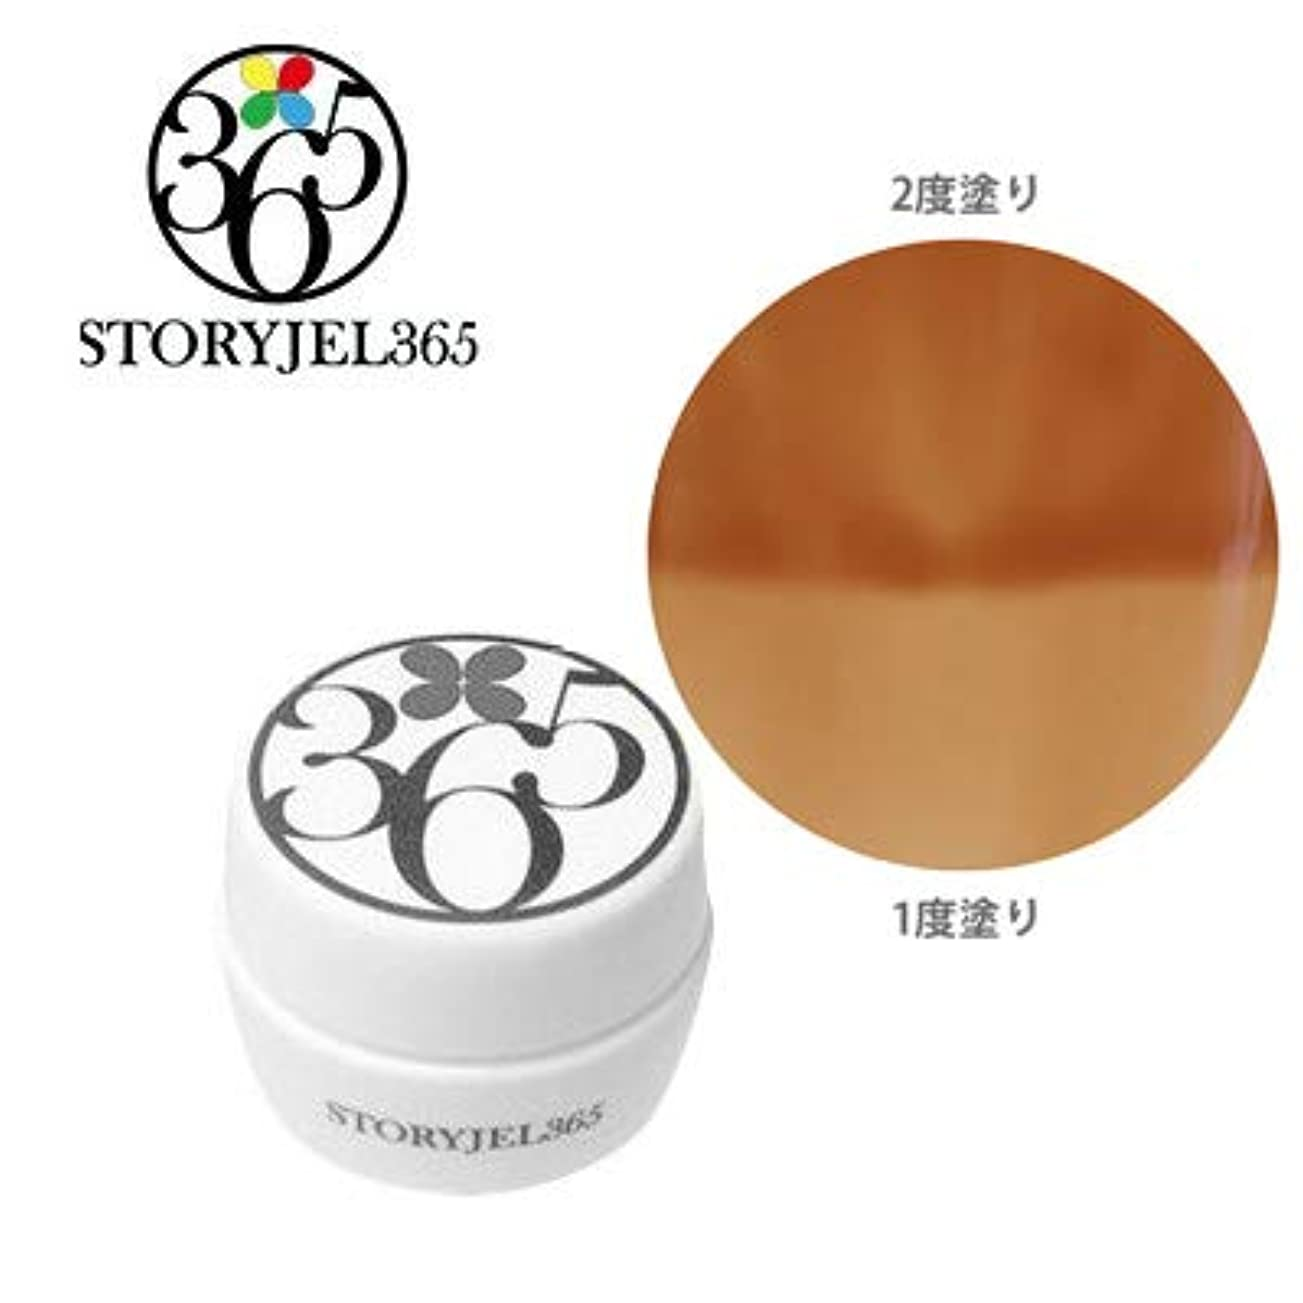 受け皿ドルパイントSTORY JEL365 カラージェル SJS-170S ブラックコーヒー